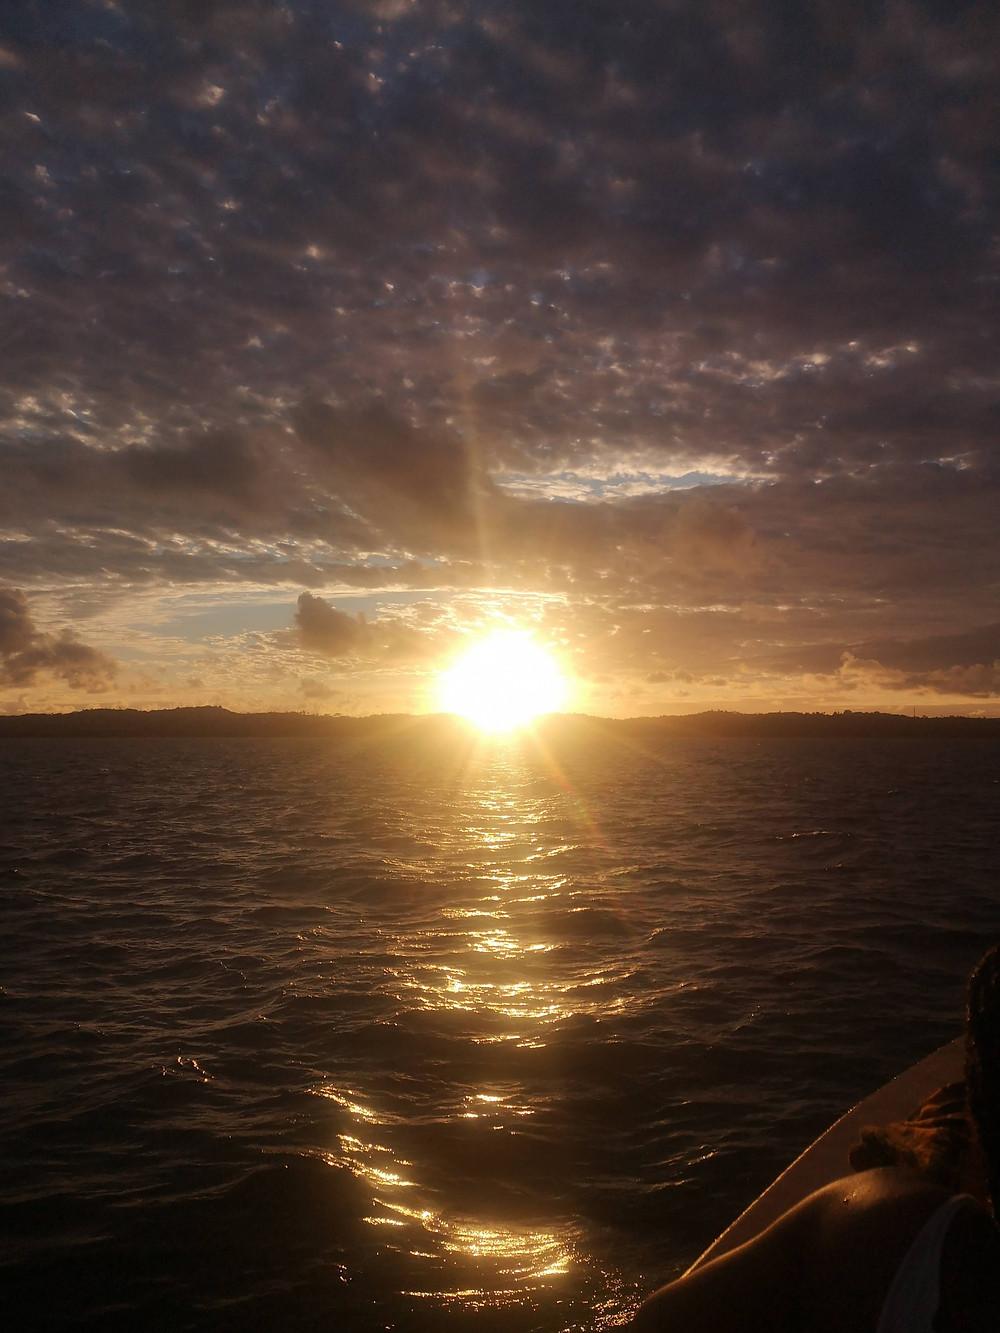 Pôr do Sol em Salvador, voltando do passeio de barco para as Ilhas dos Frades e Itaparica